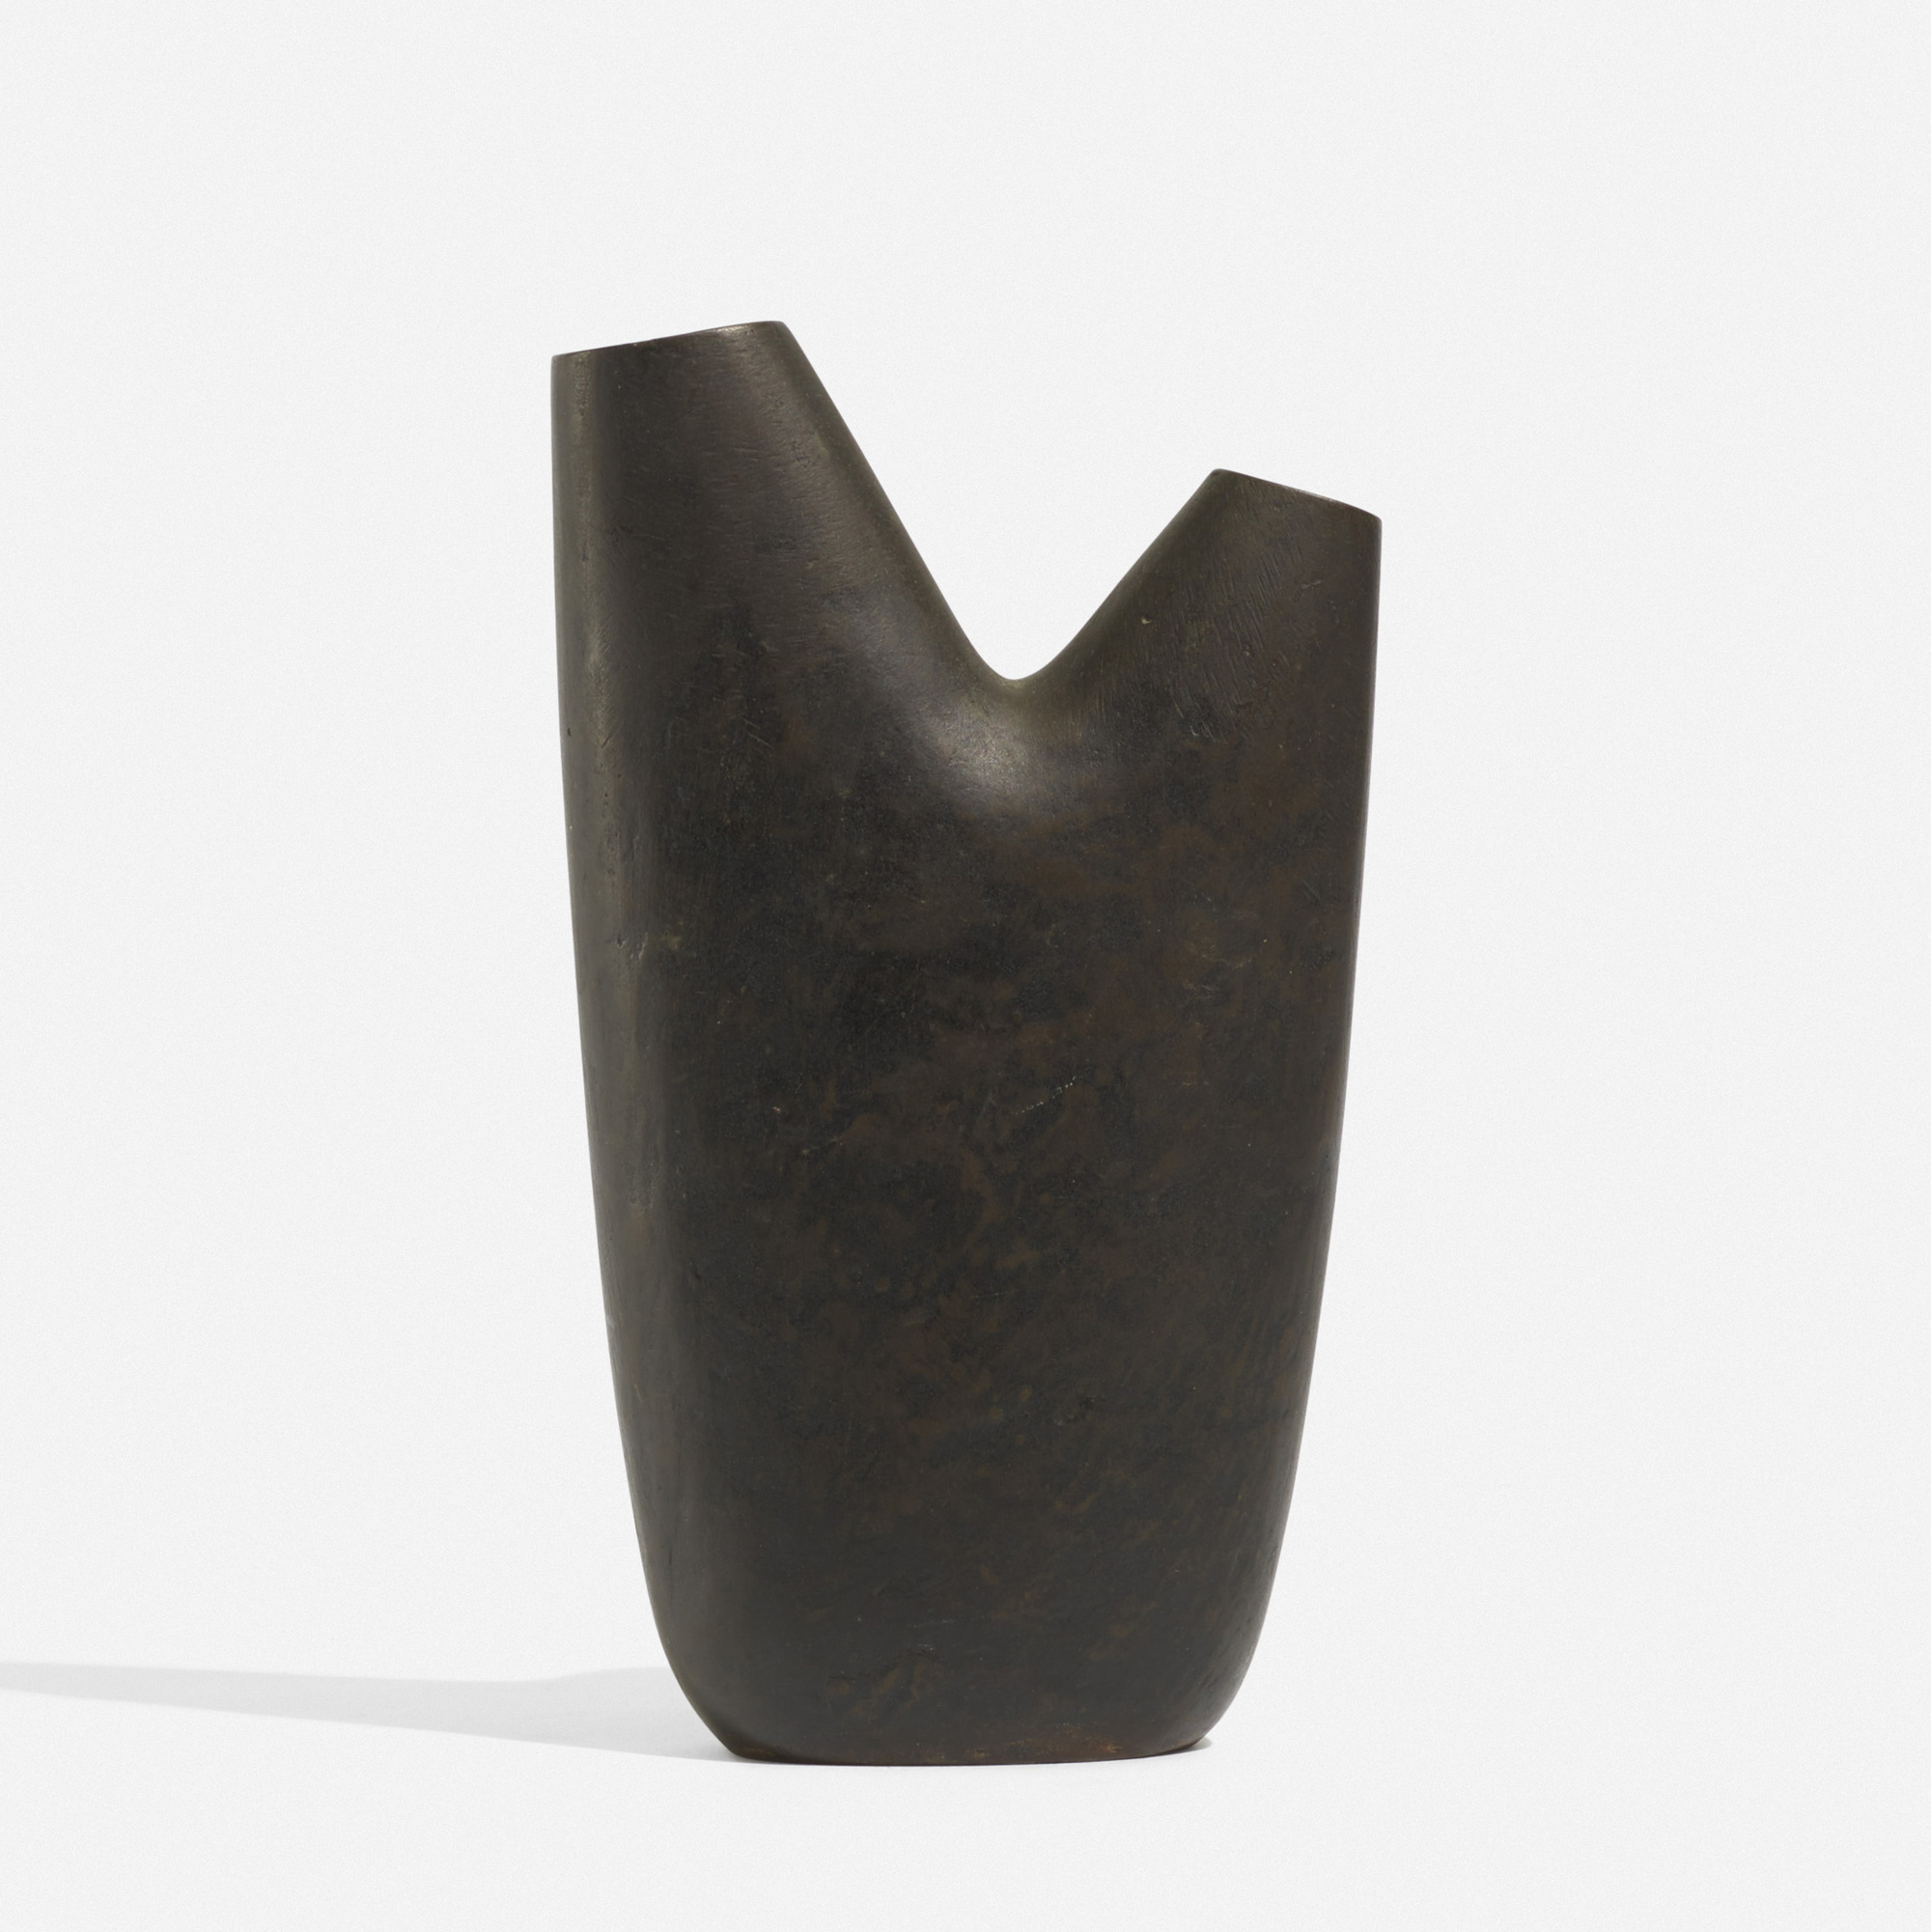 117: Carl Auböck II / vase, model 3793 (1 of 3)